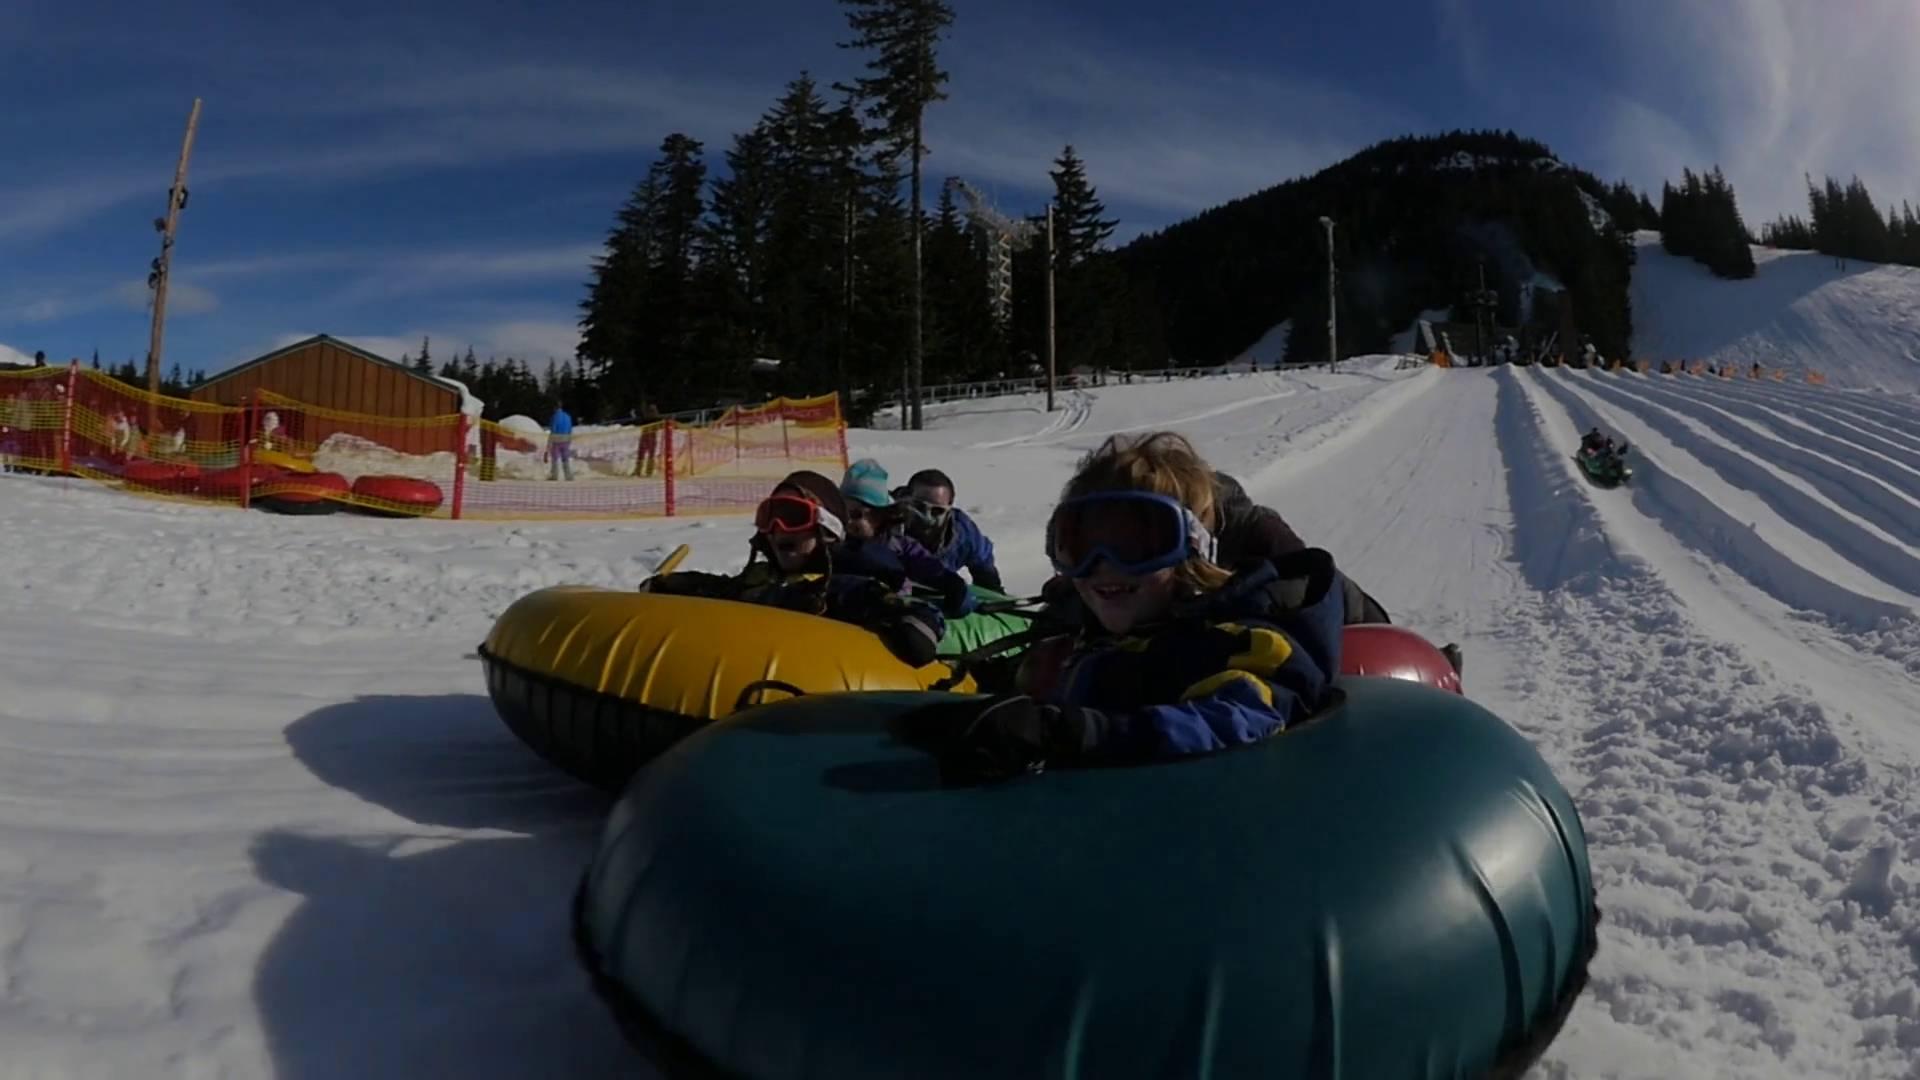 mt hood snowtubing mt hood tubing - Christmas Mountain Tubing